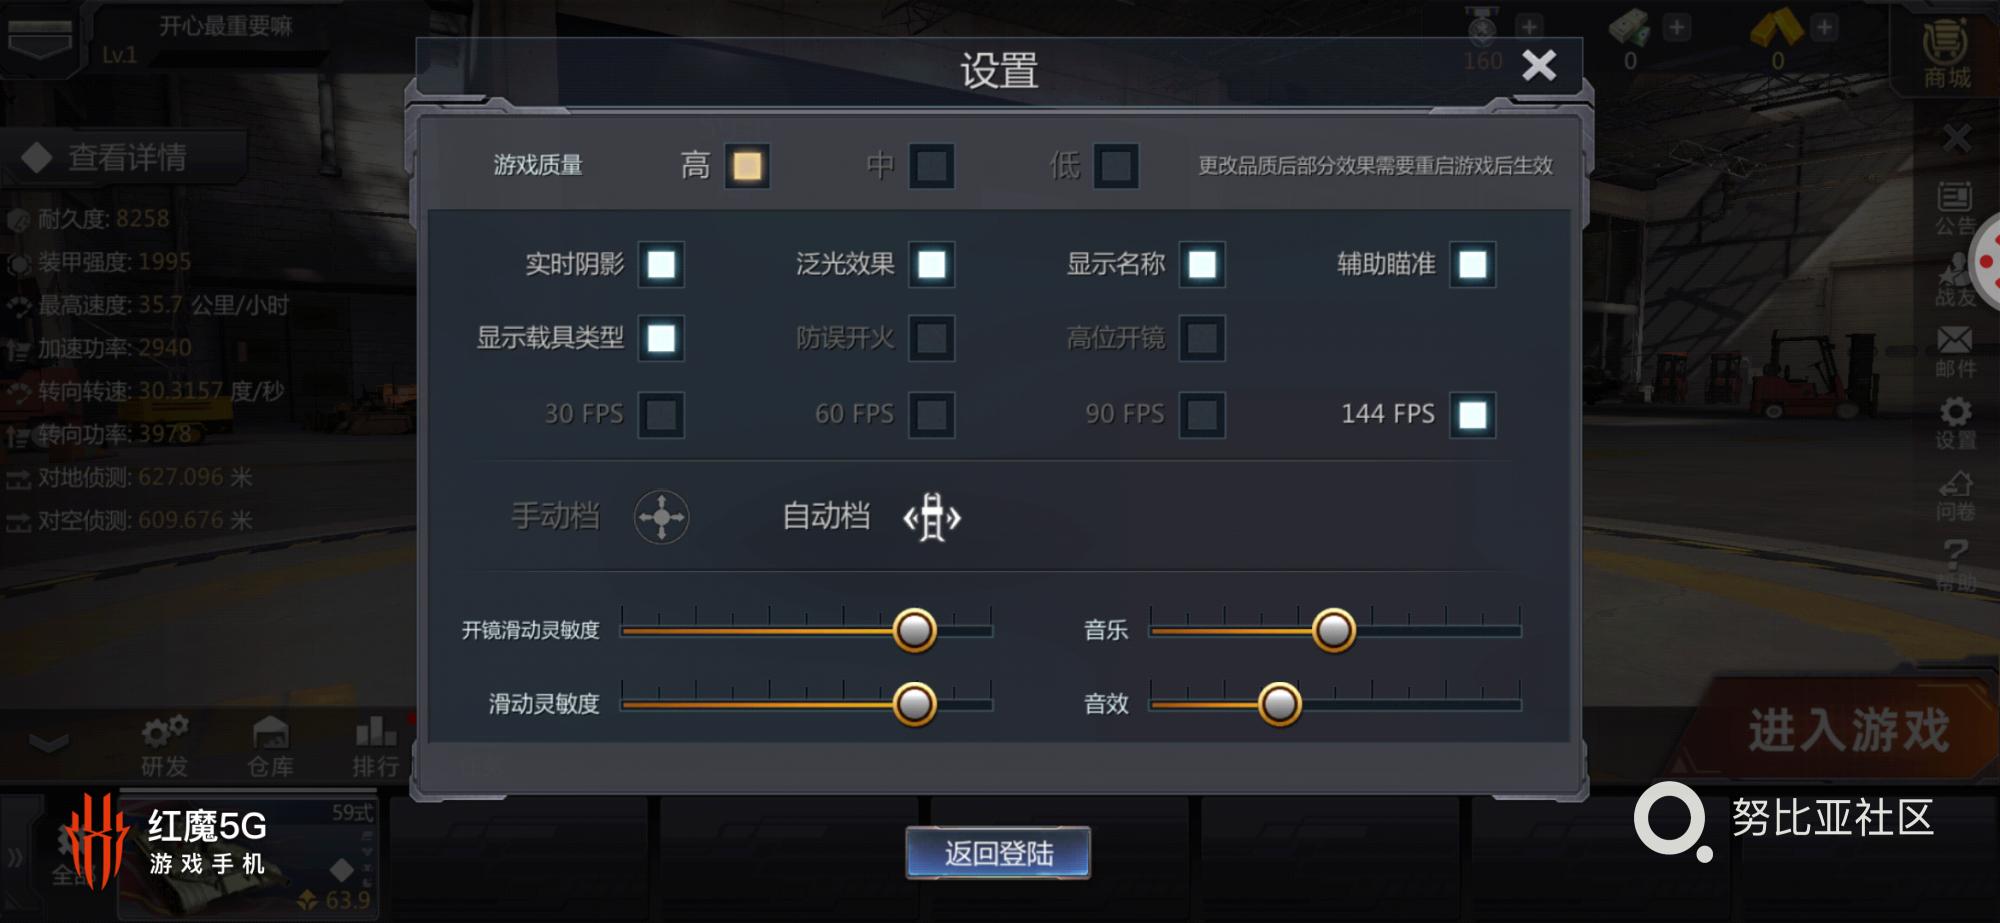 Screenshot_巅峰坦克_2020-04-11-12-51-06-524.png